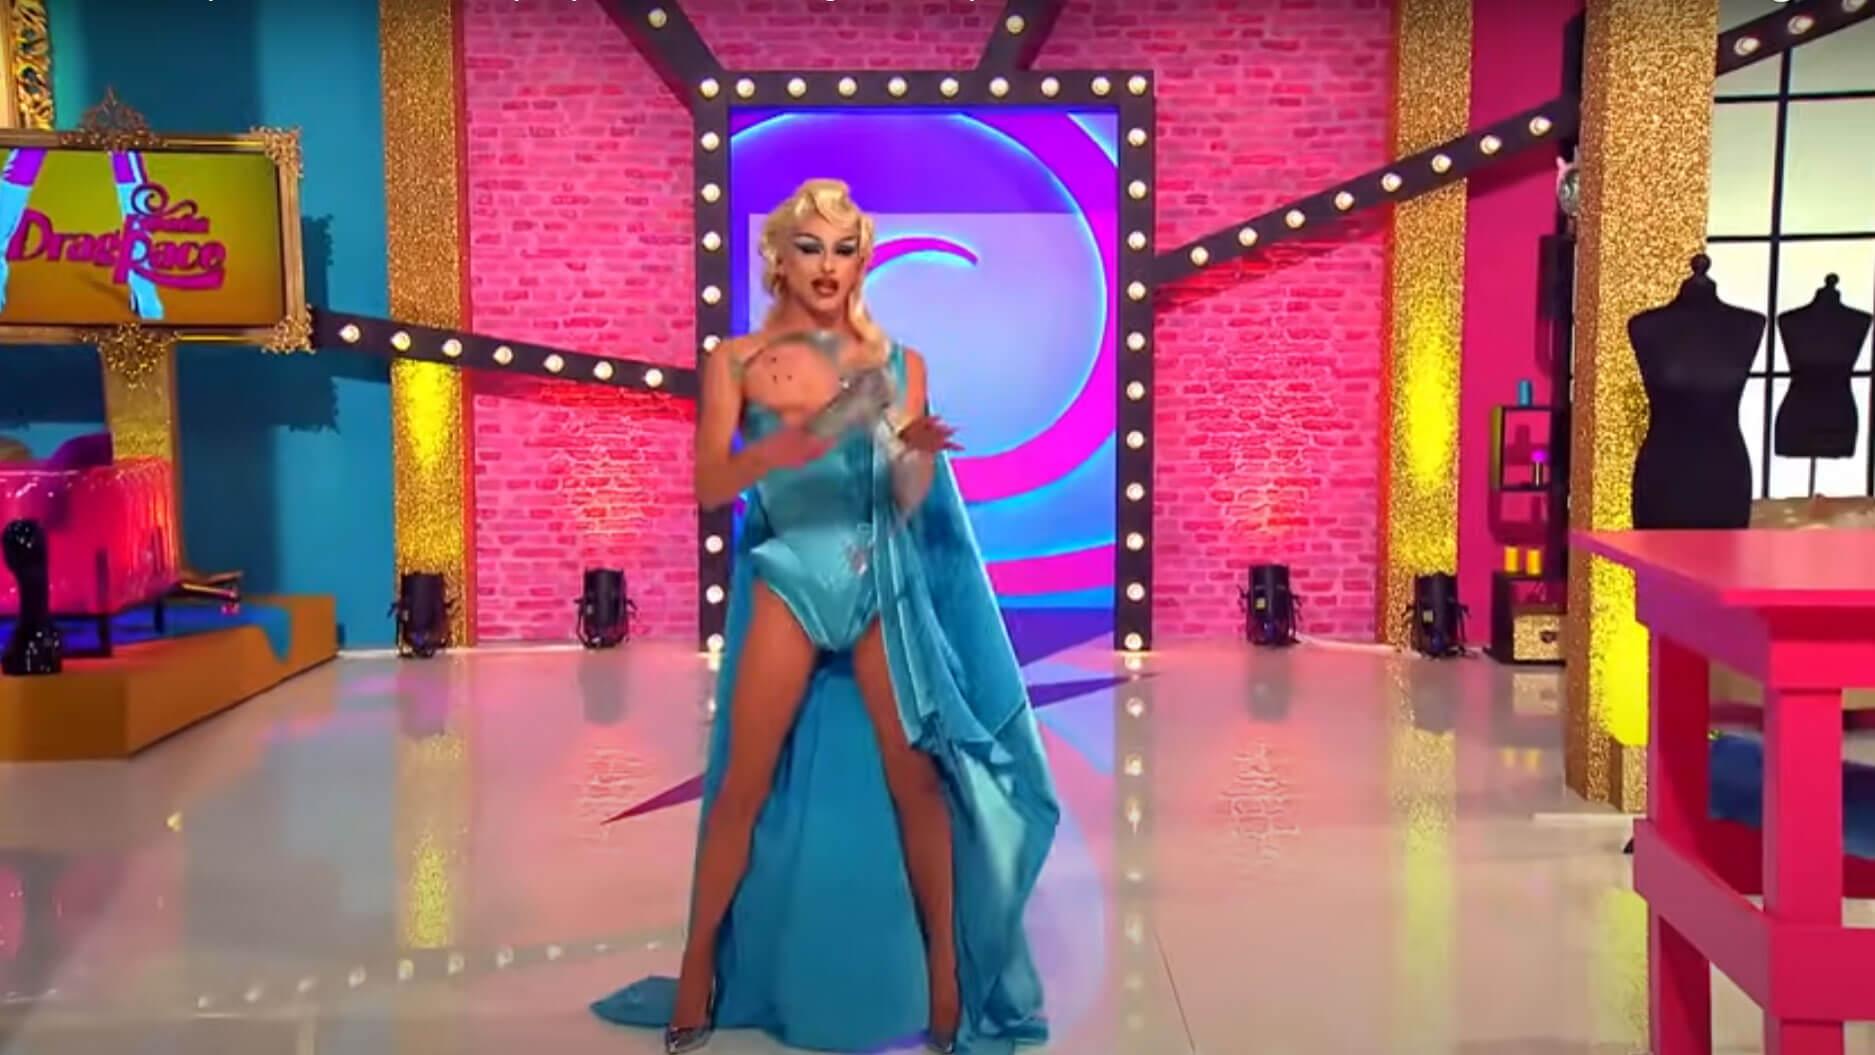 Drag Queen show tv